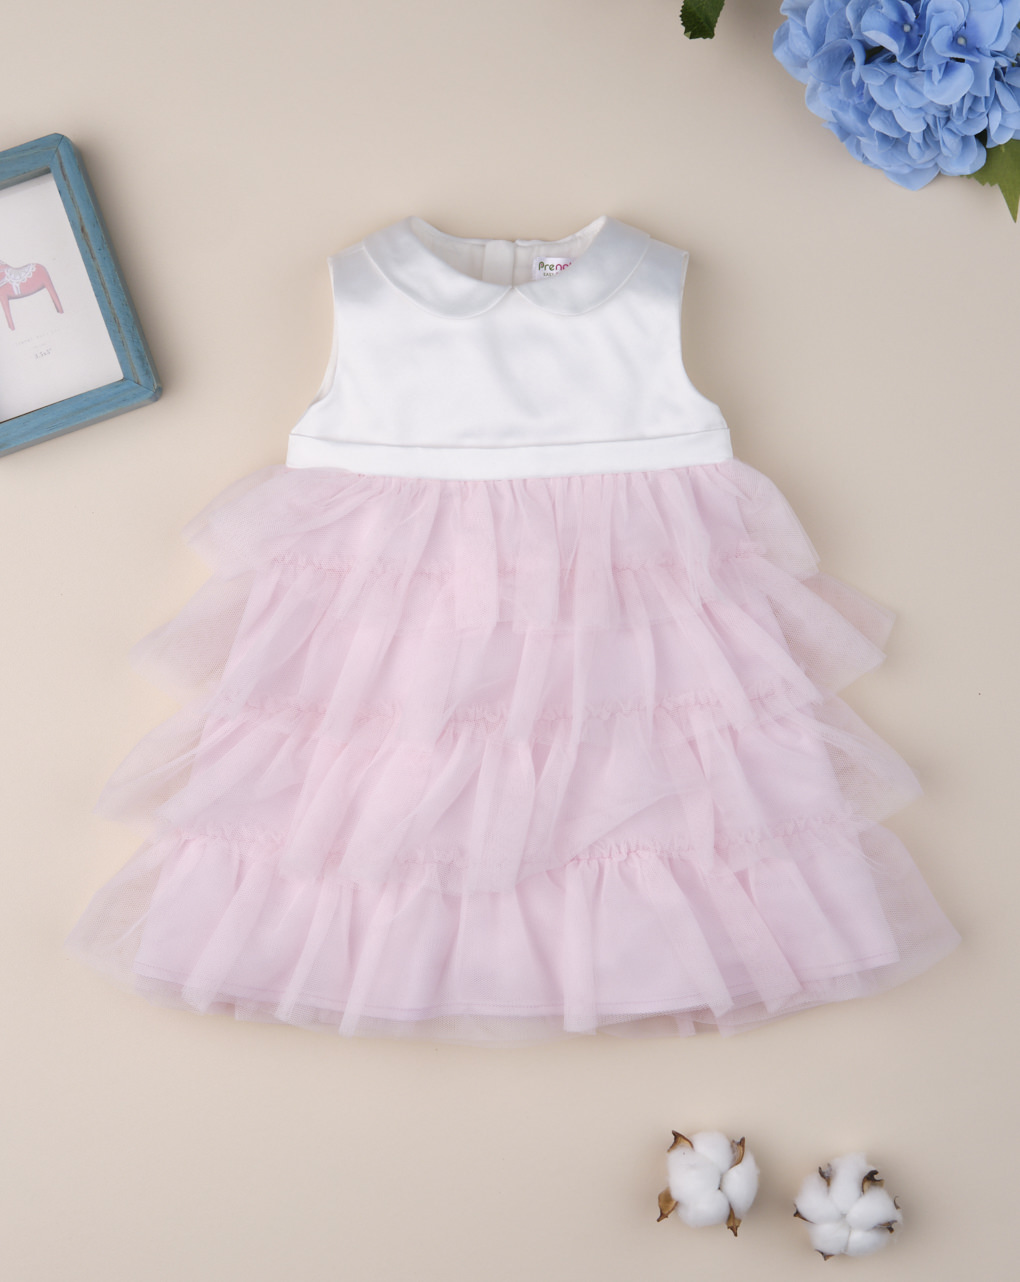 Φόρεμα Ροζ για Κορίτσι